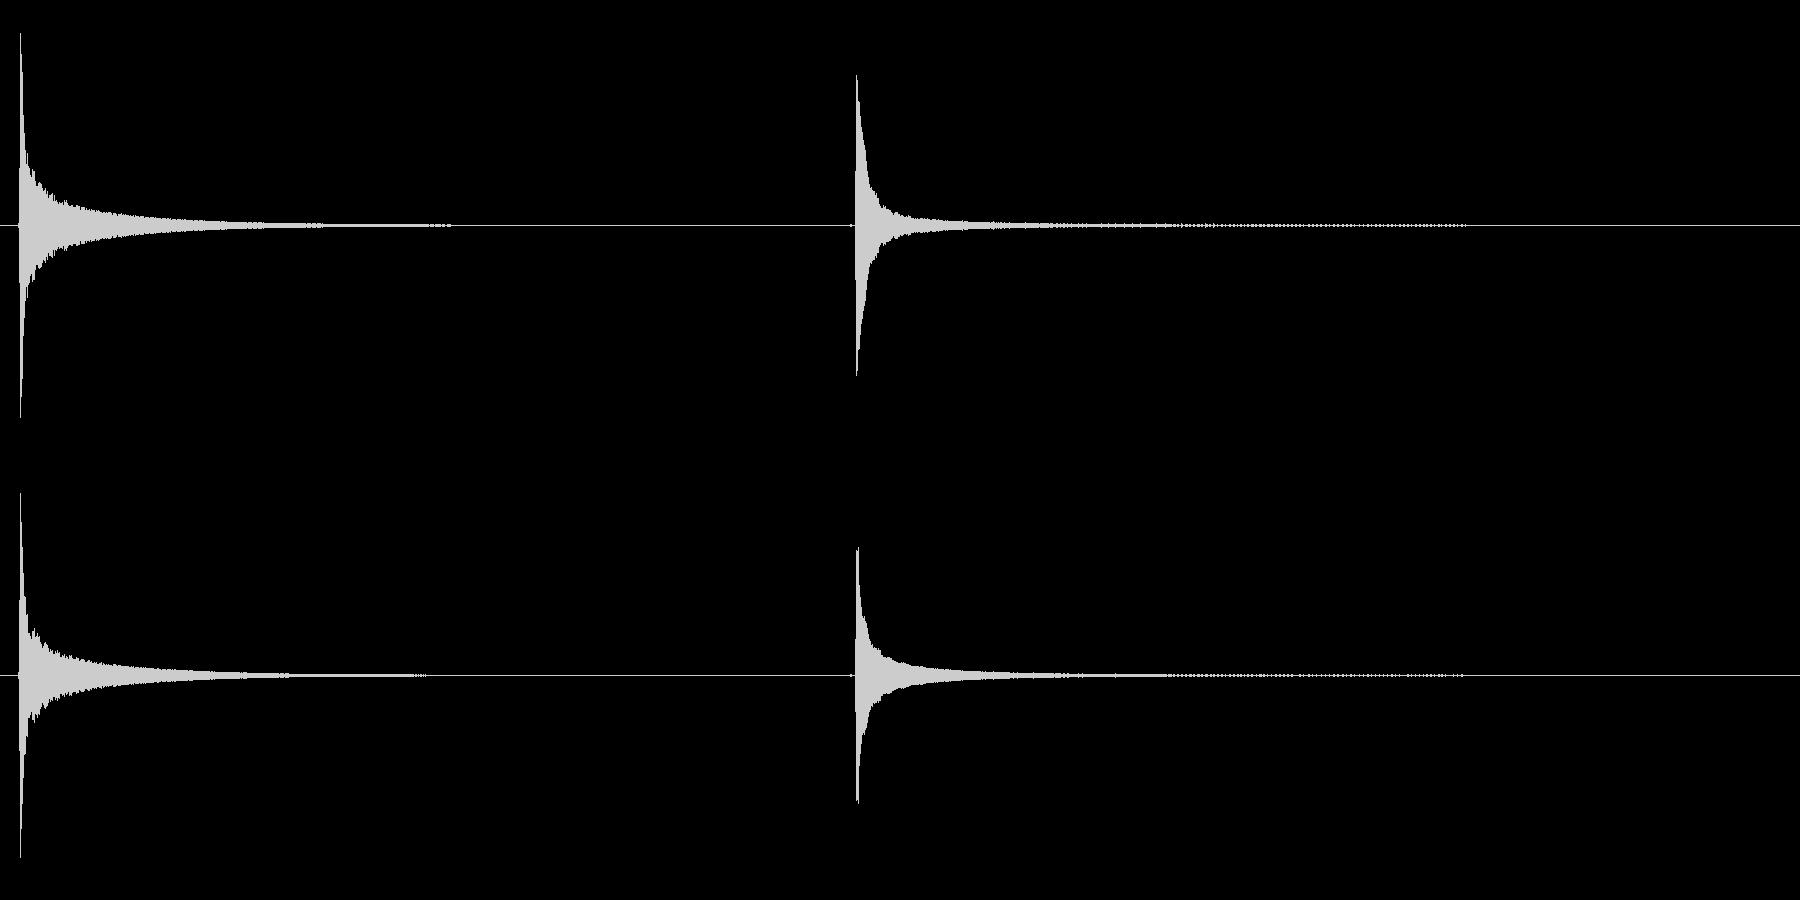 長いリングオフ、近い視点での卵タイ...の未再生の波形